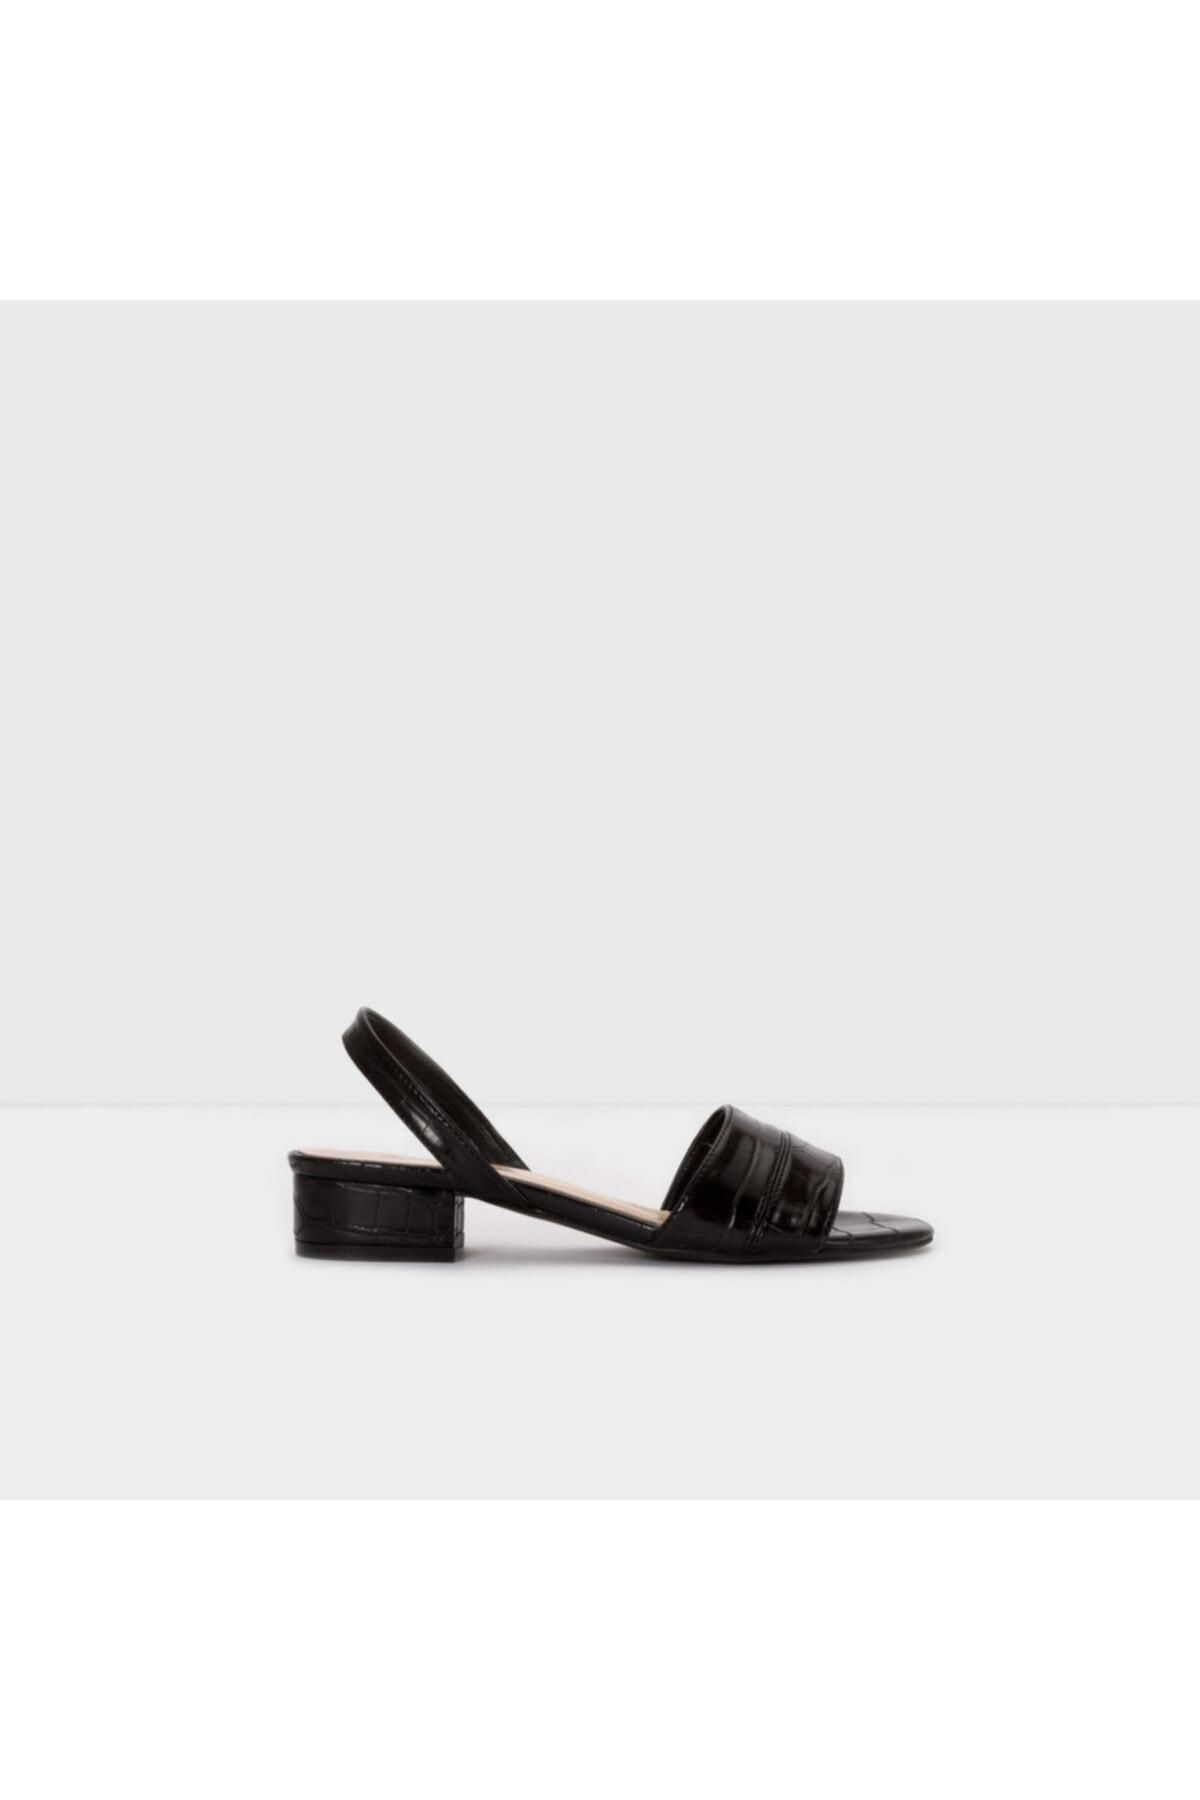 Aldo Candy-tr - Kadın Siyah Az Topuklu Ayakkabı 2